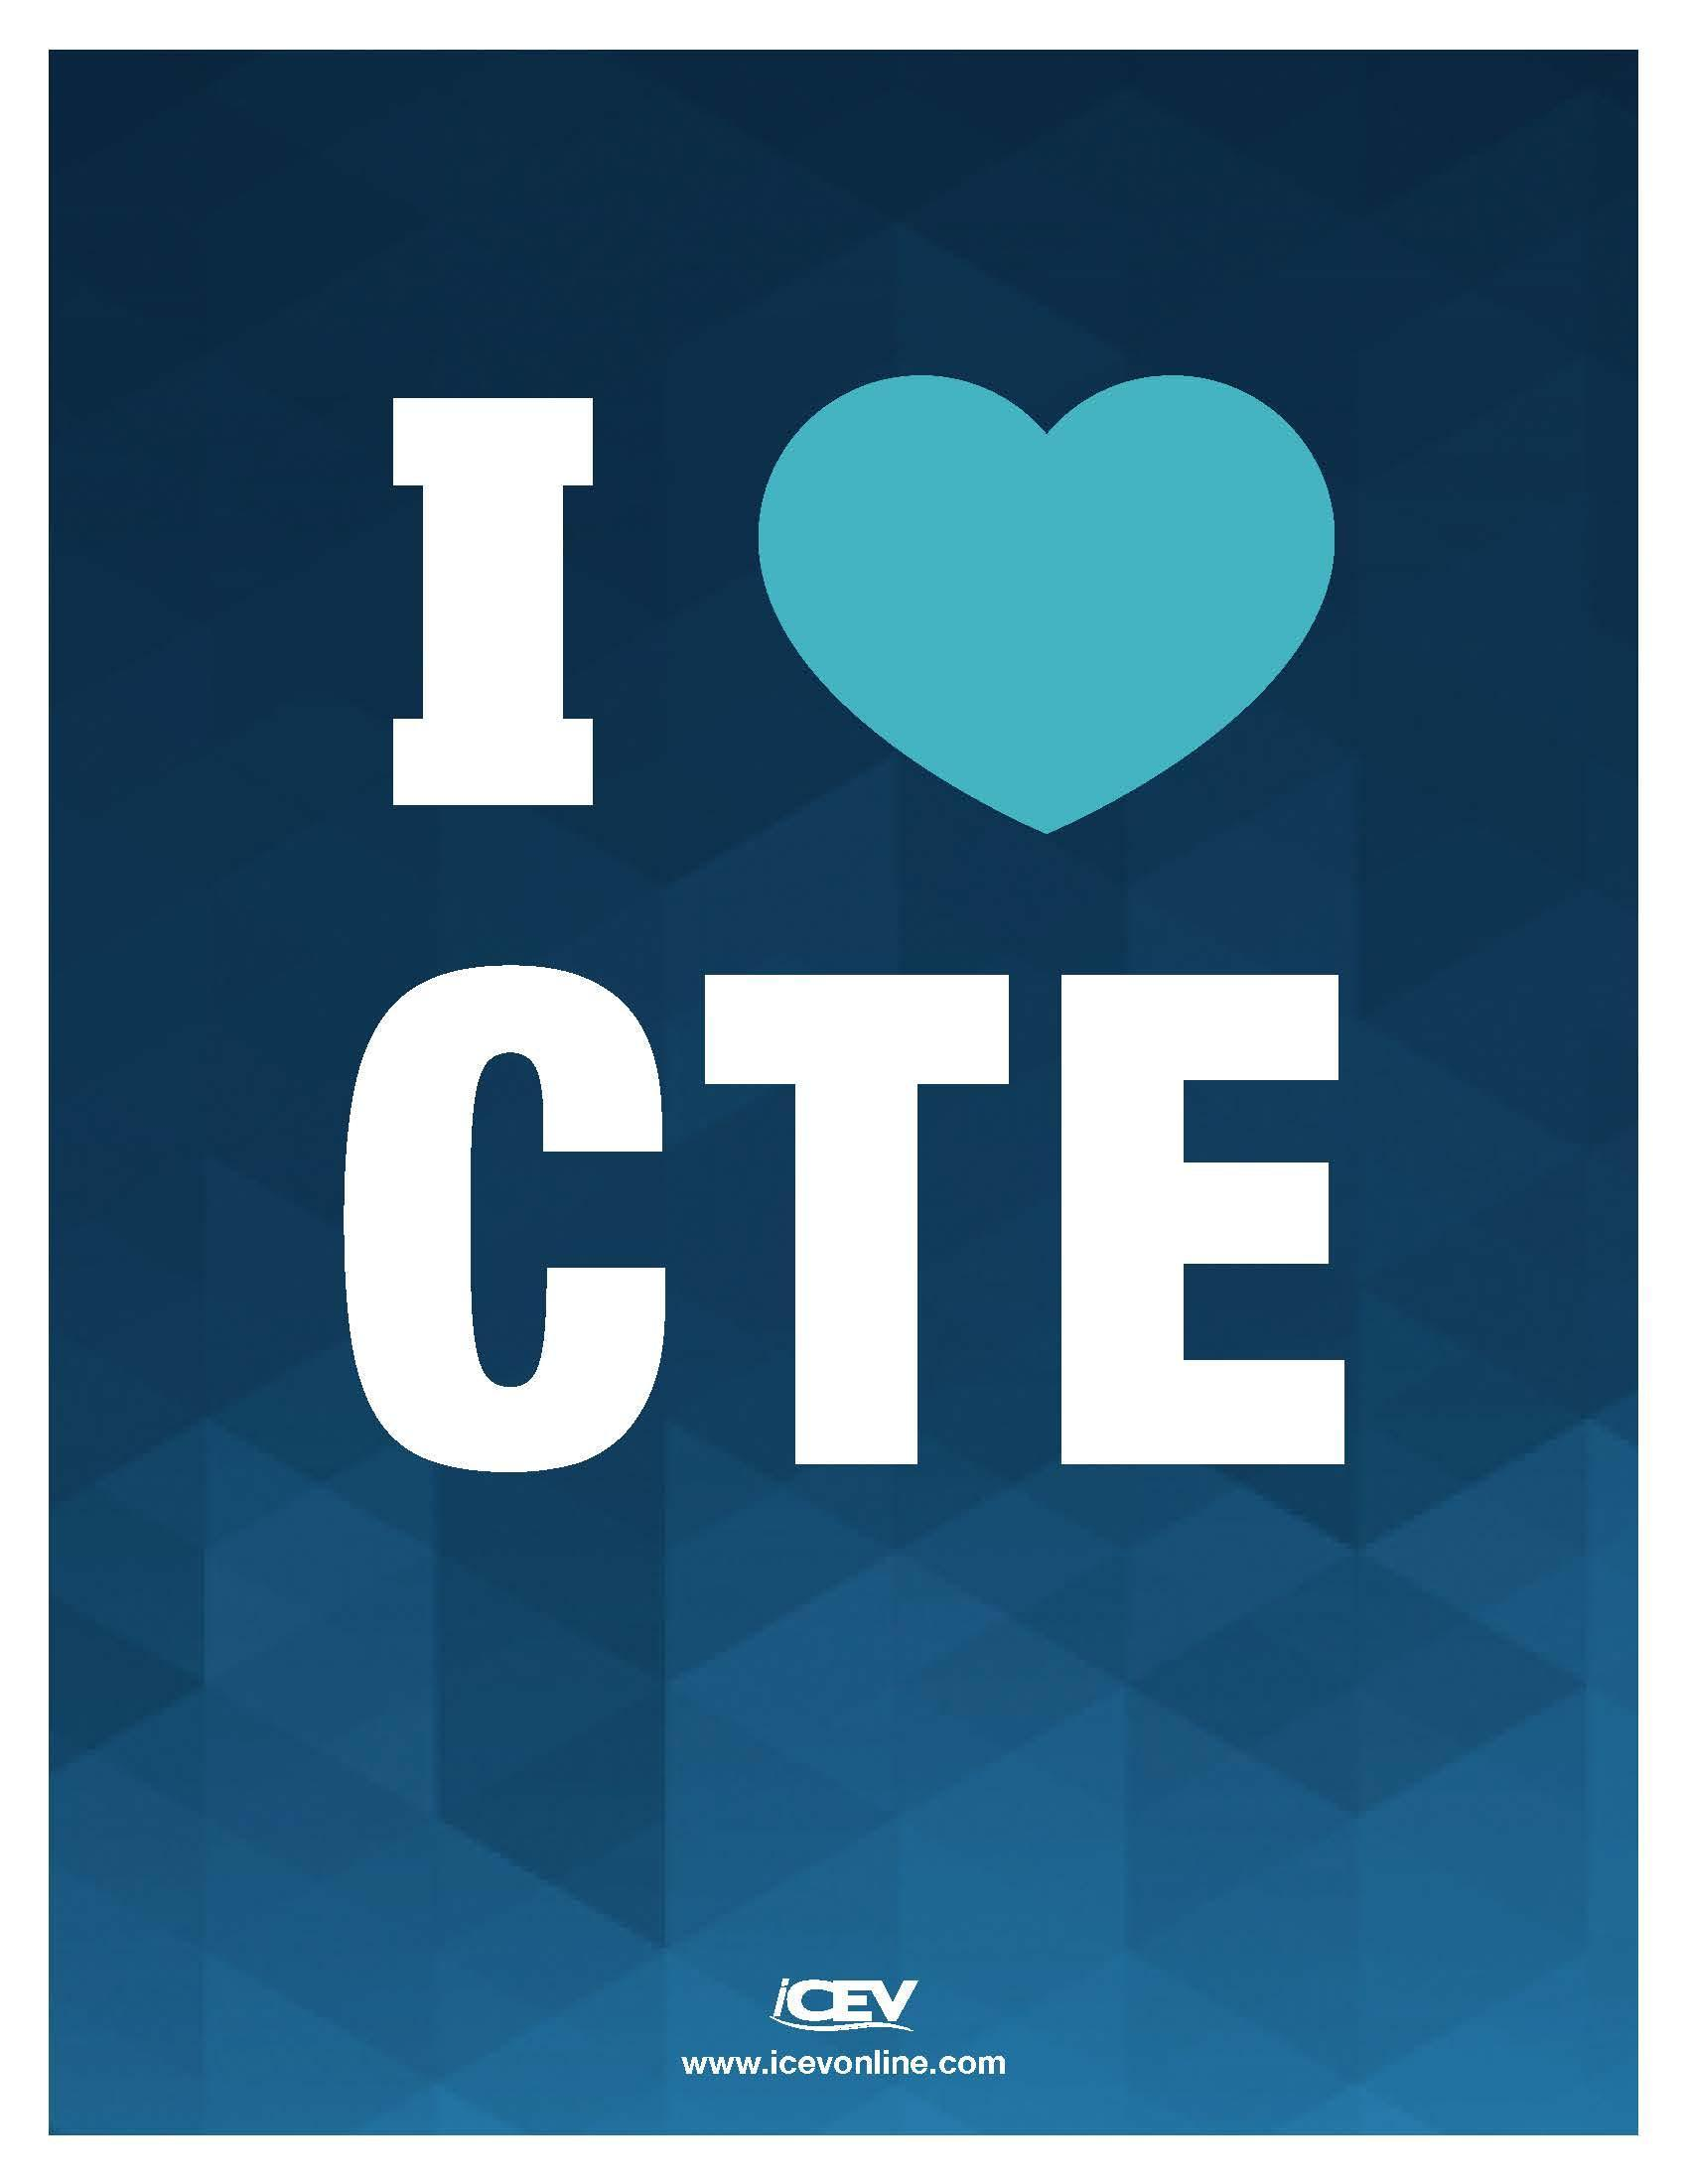 I love CTE image